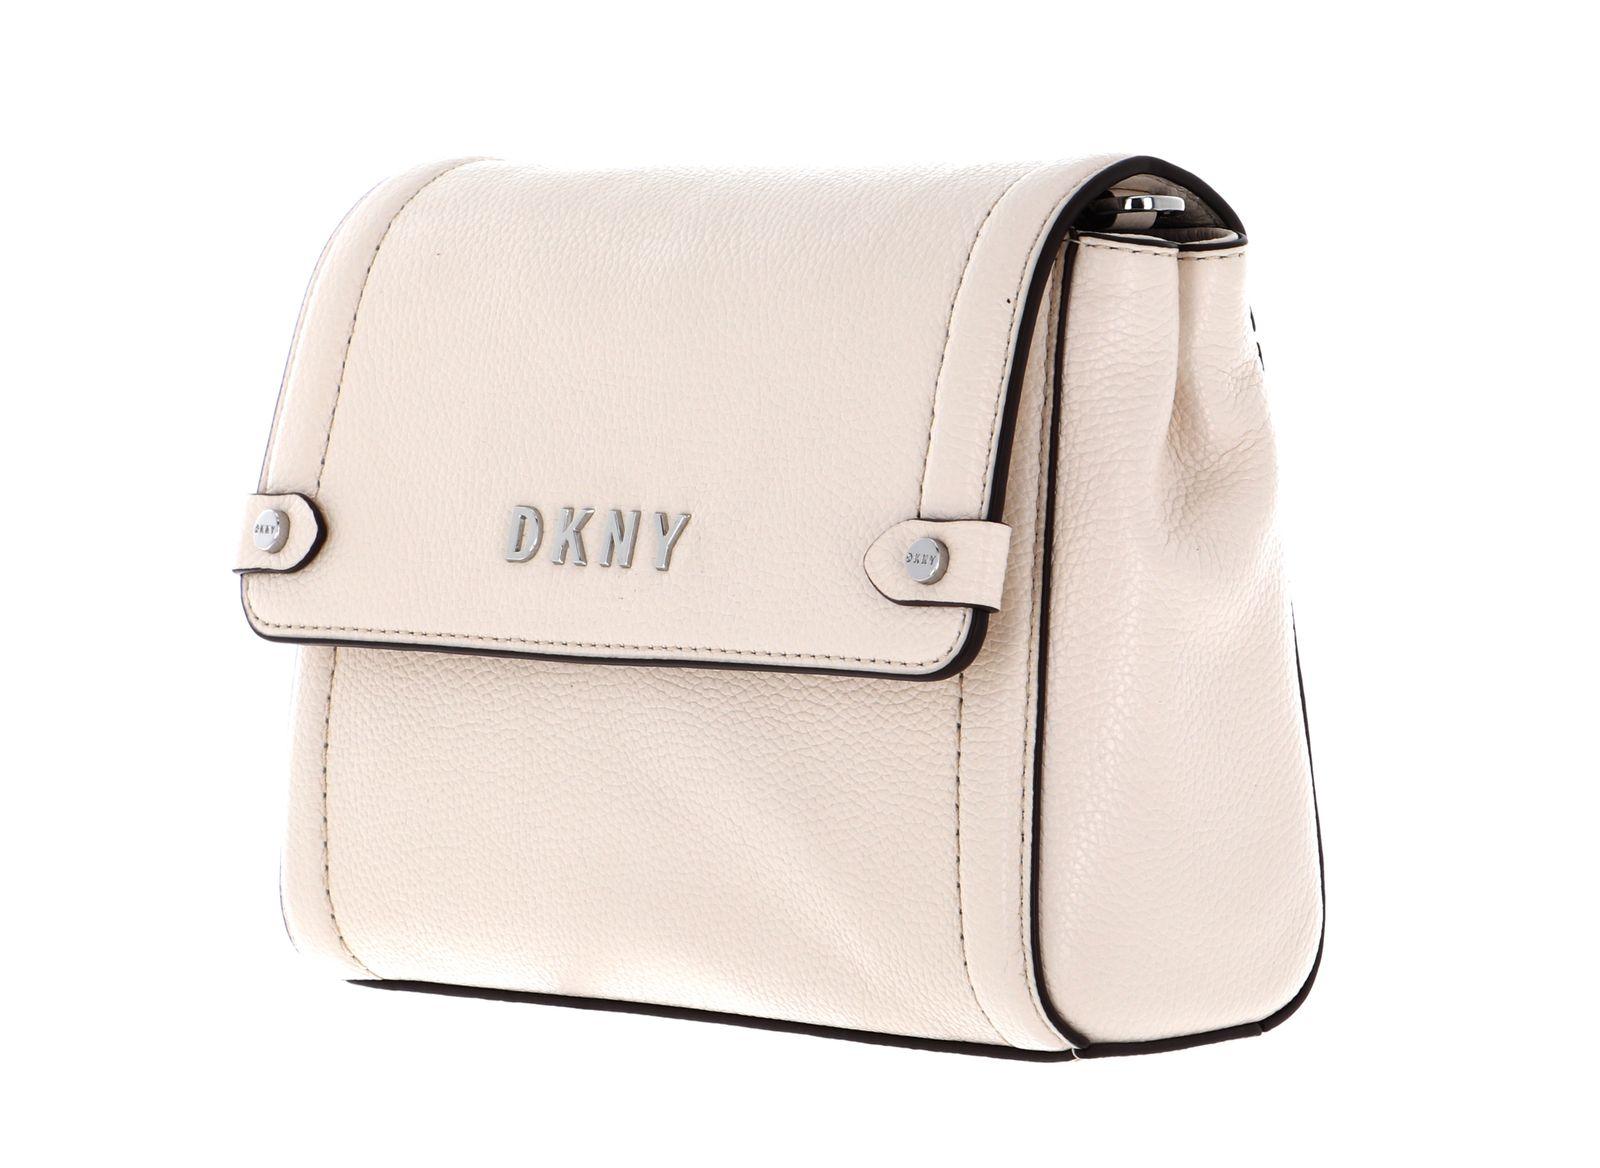 DKNY Beca Crossbody Bag Ivory